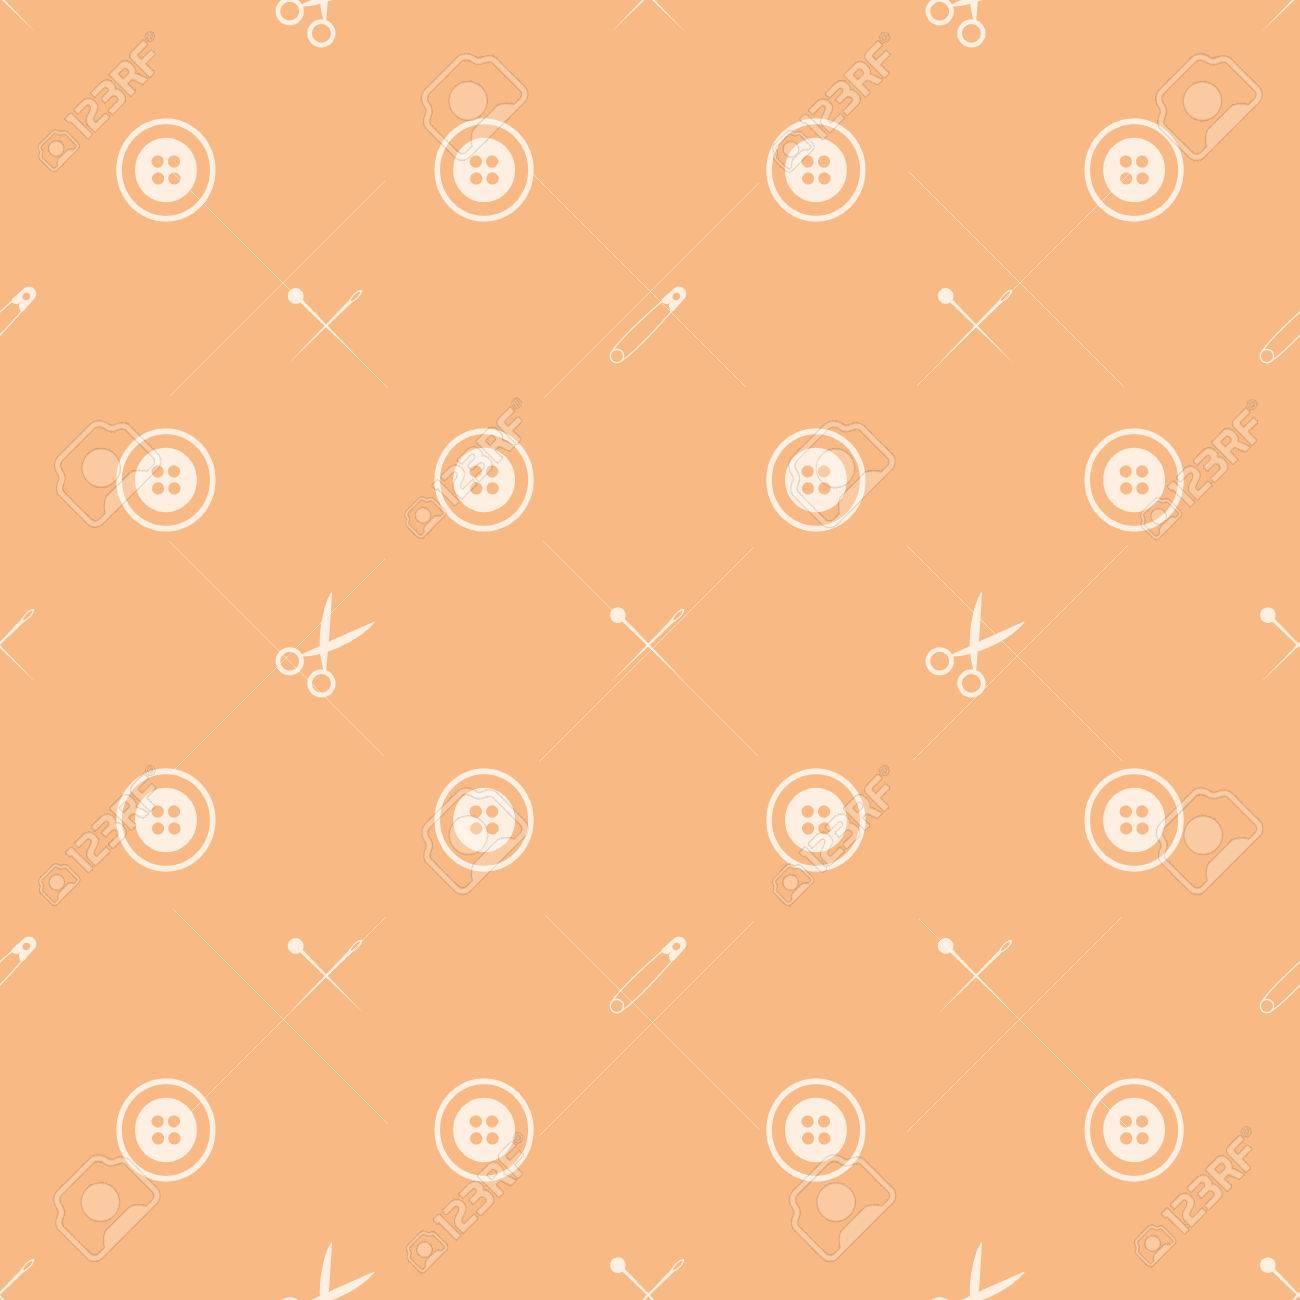 Nahtlose Vektor-Muster Mit Weißen Zeichen Von Nähzeug Auf Orange ...